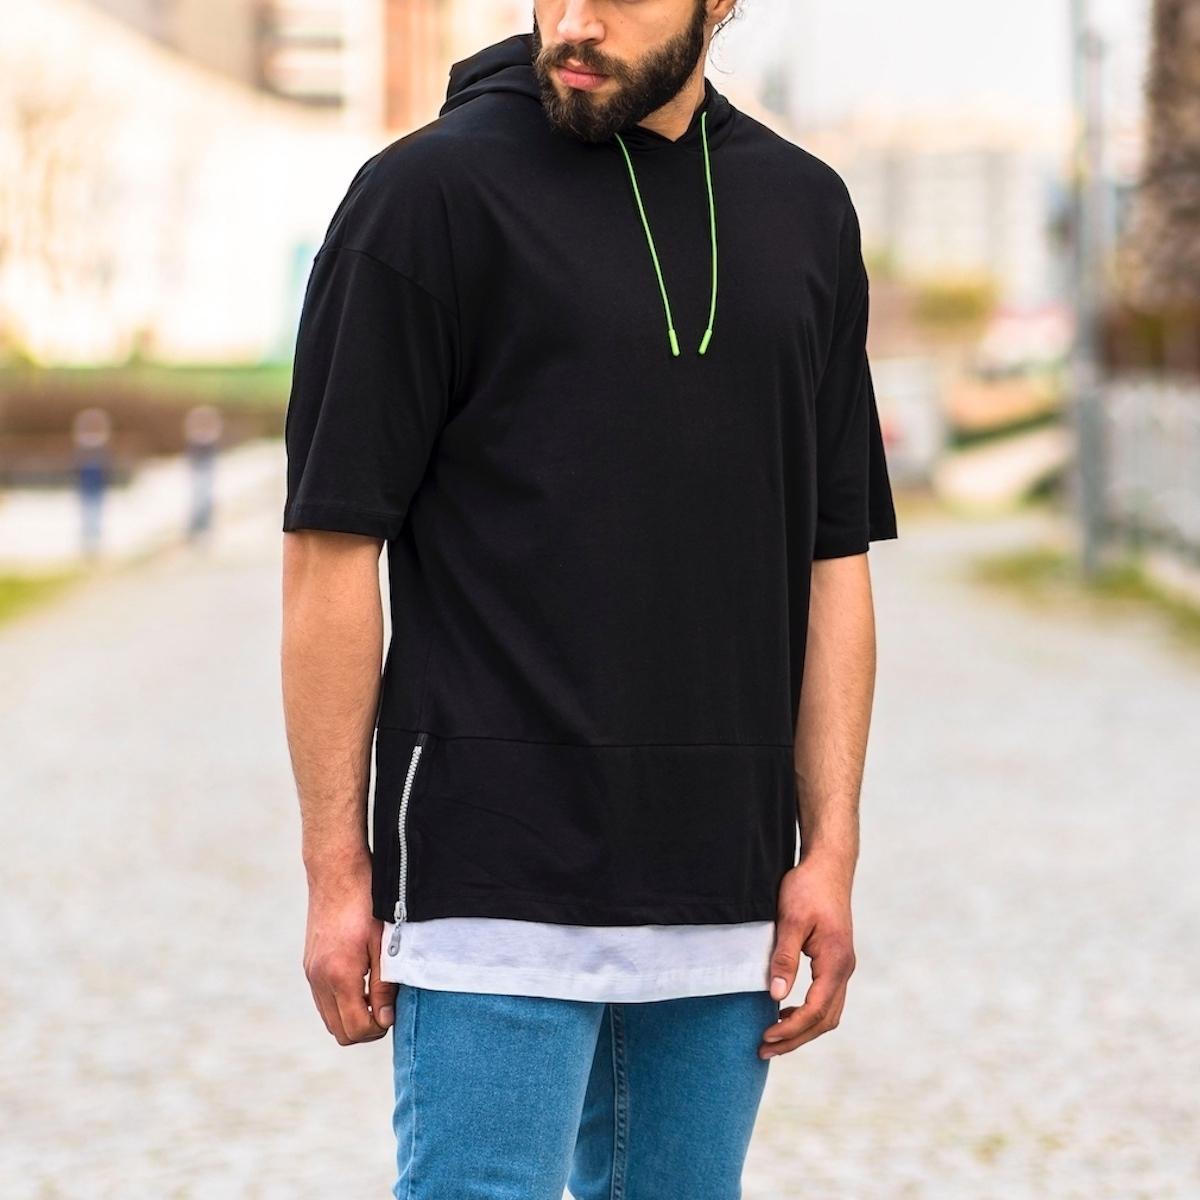 Erkek Yan Fermuarlı Kapüşonlu Tişört Siyah